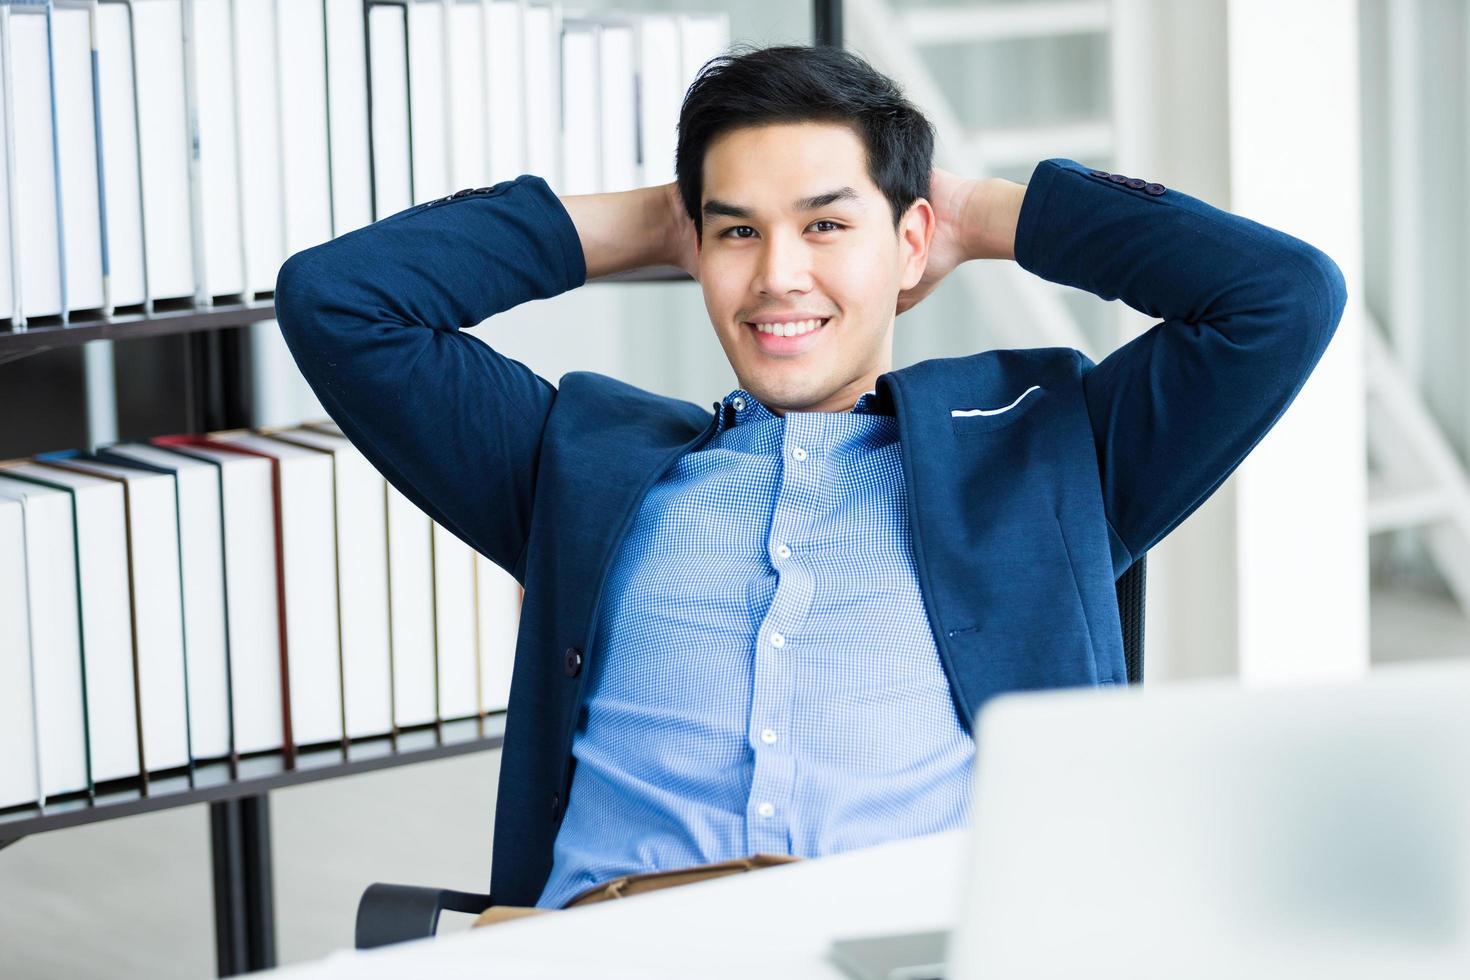 giovane imprenditore asiatico di successo foto